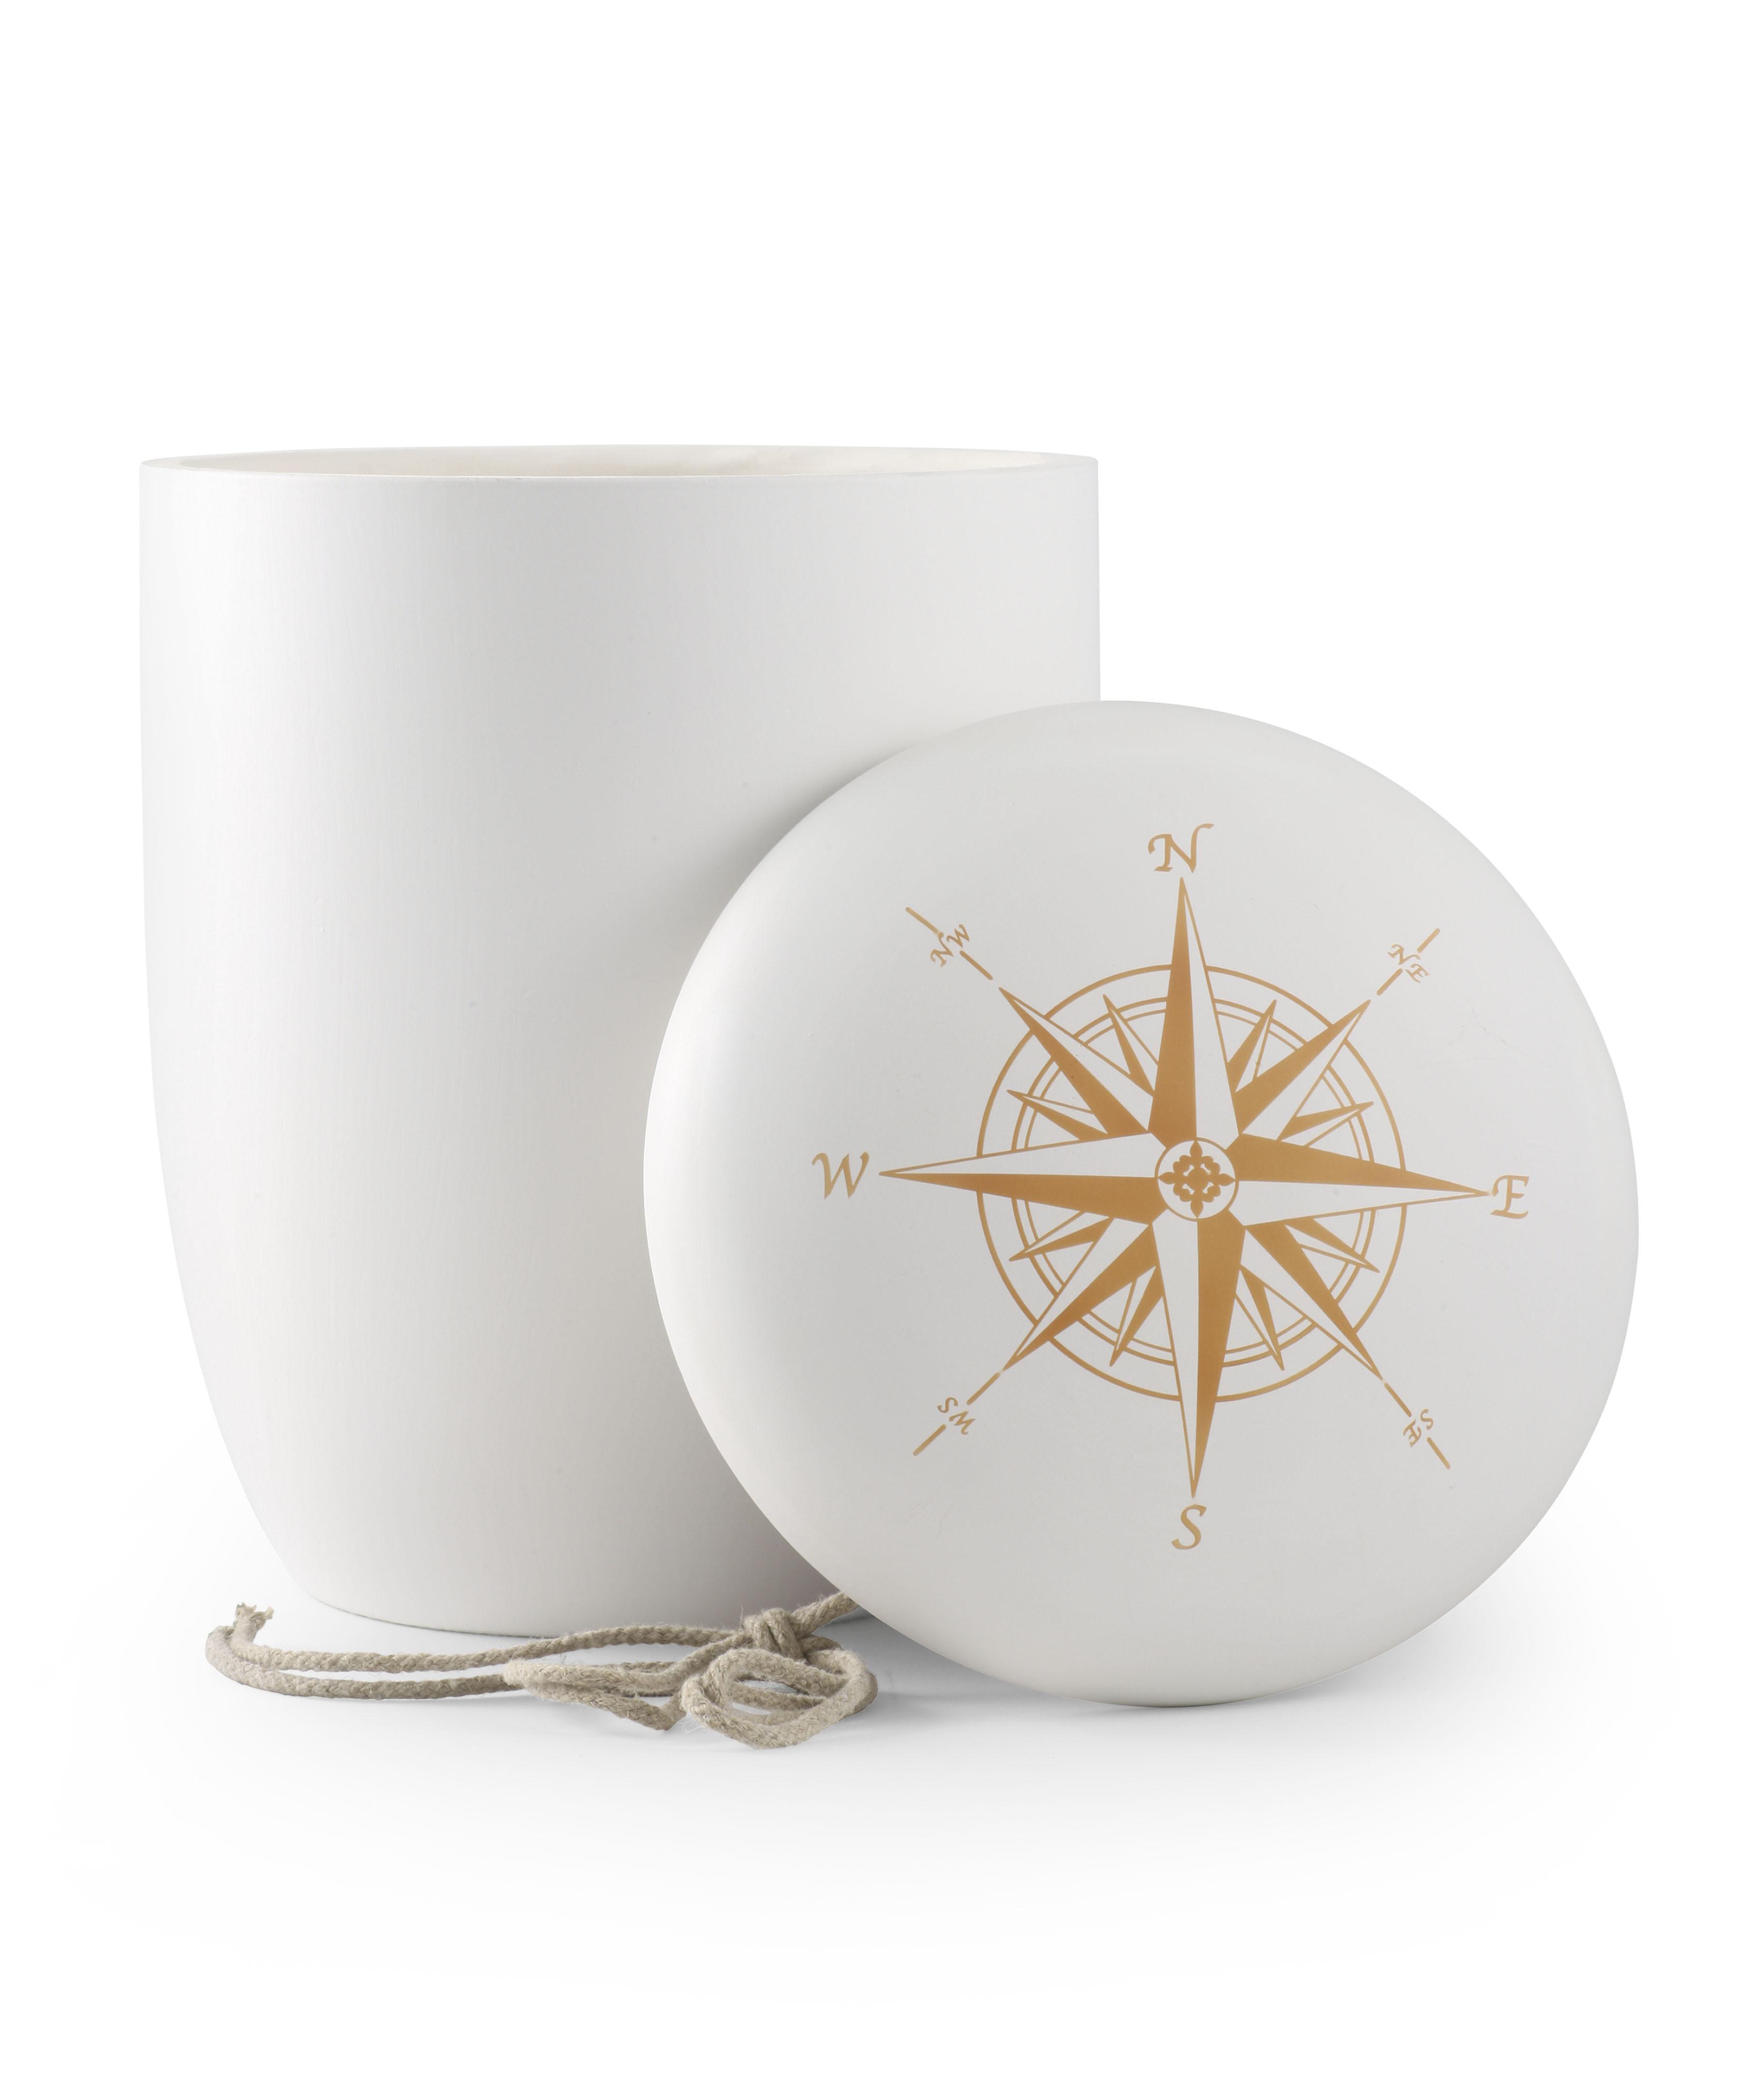 Biologische urn met kompas